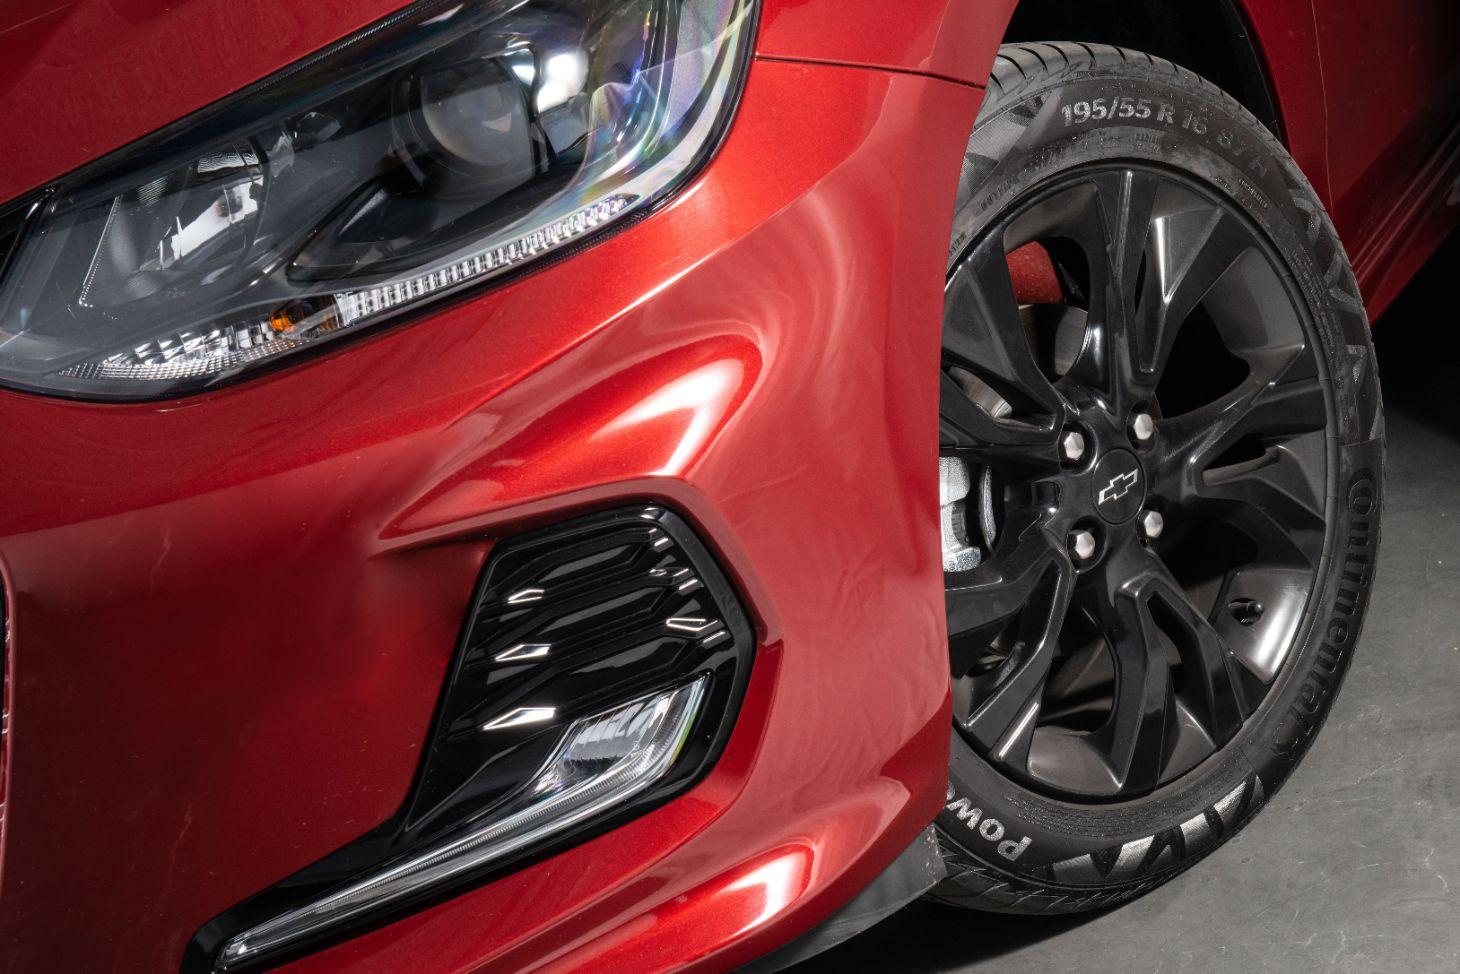 rodas escurecidas com pinca de freio vermelha no onix rs